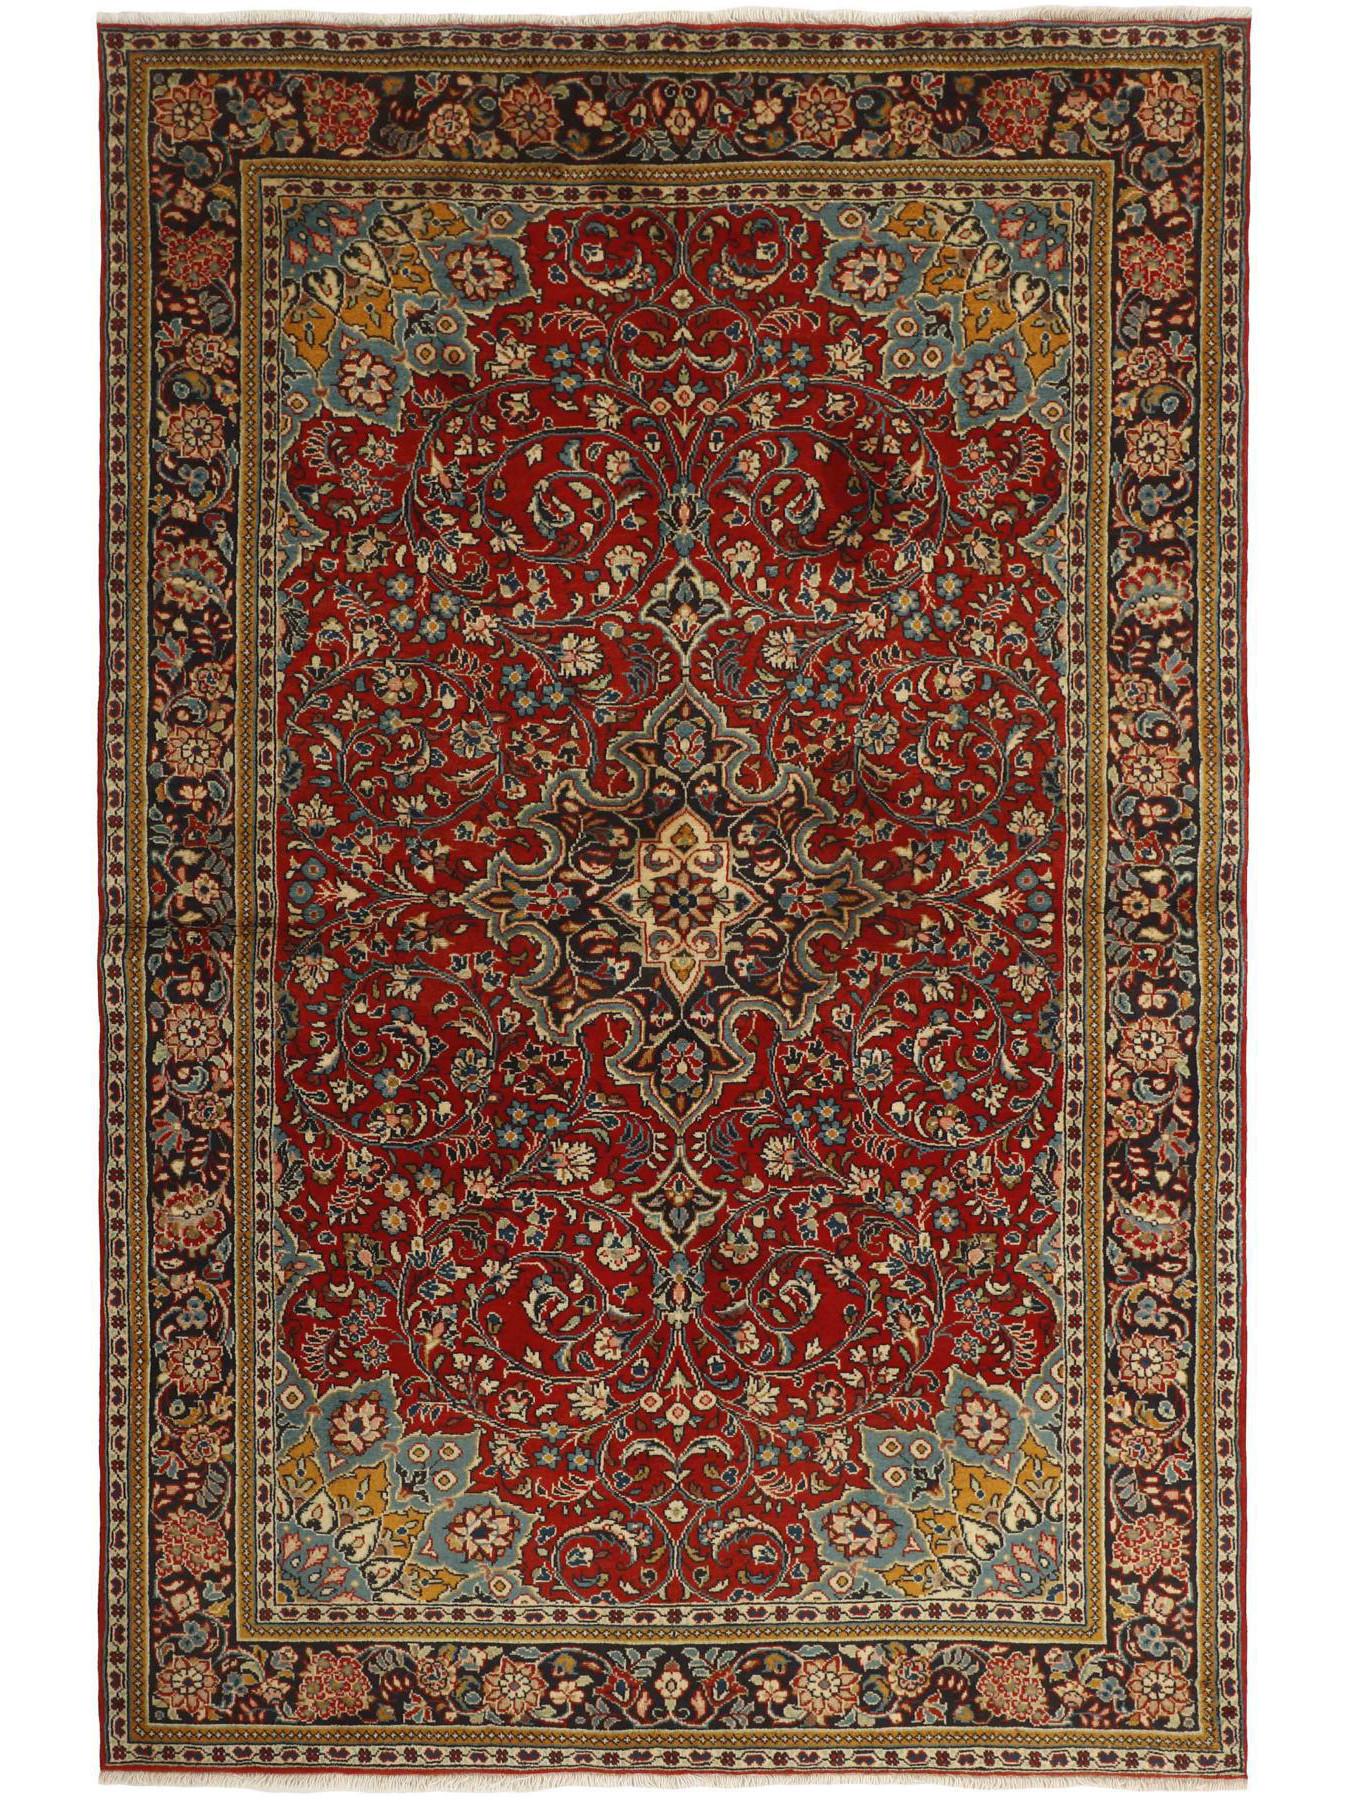 Tapis persans - Sarough Sherkat